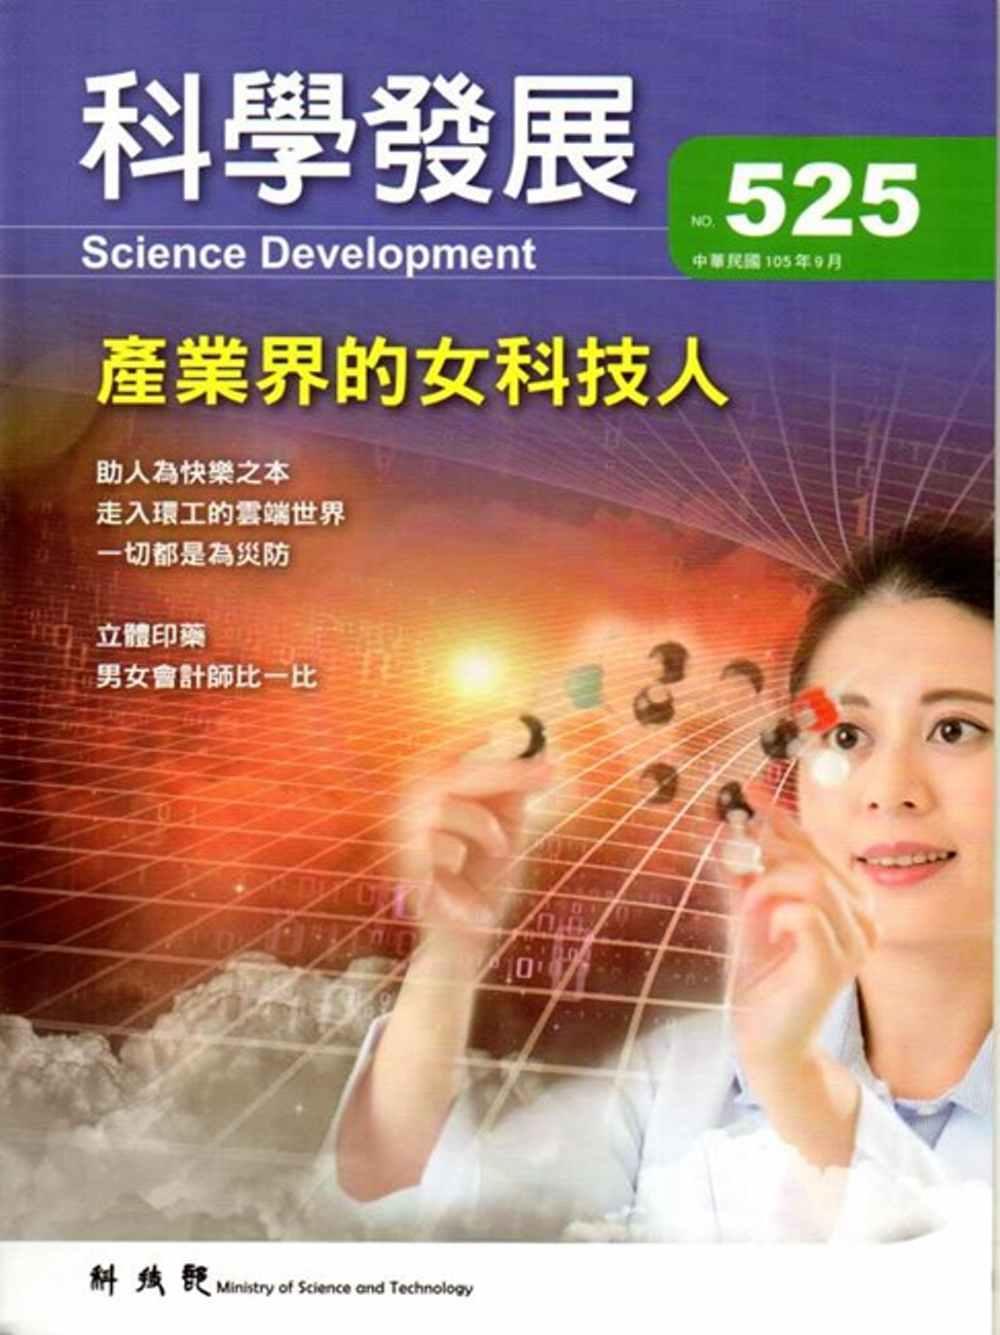 科學發展月刊第525期^(105 09^)